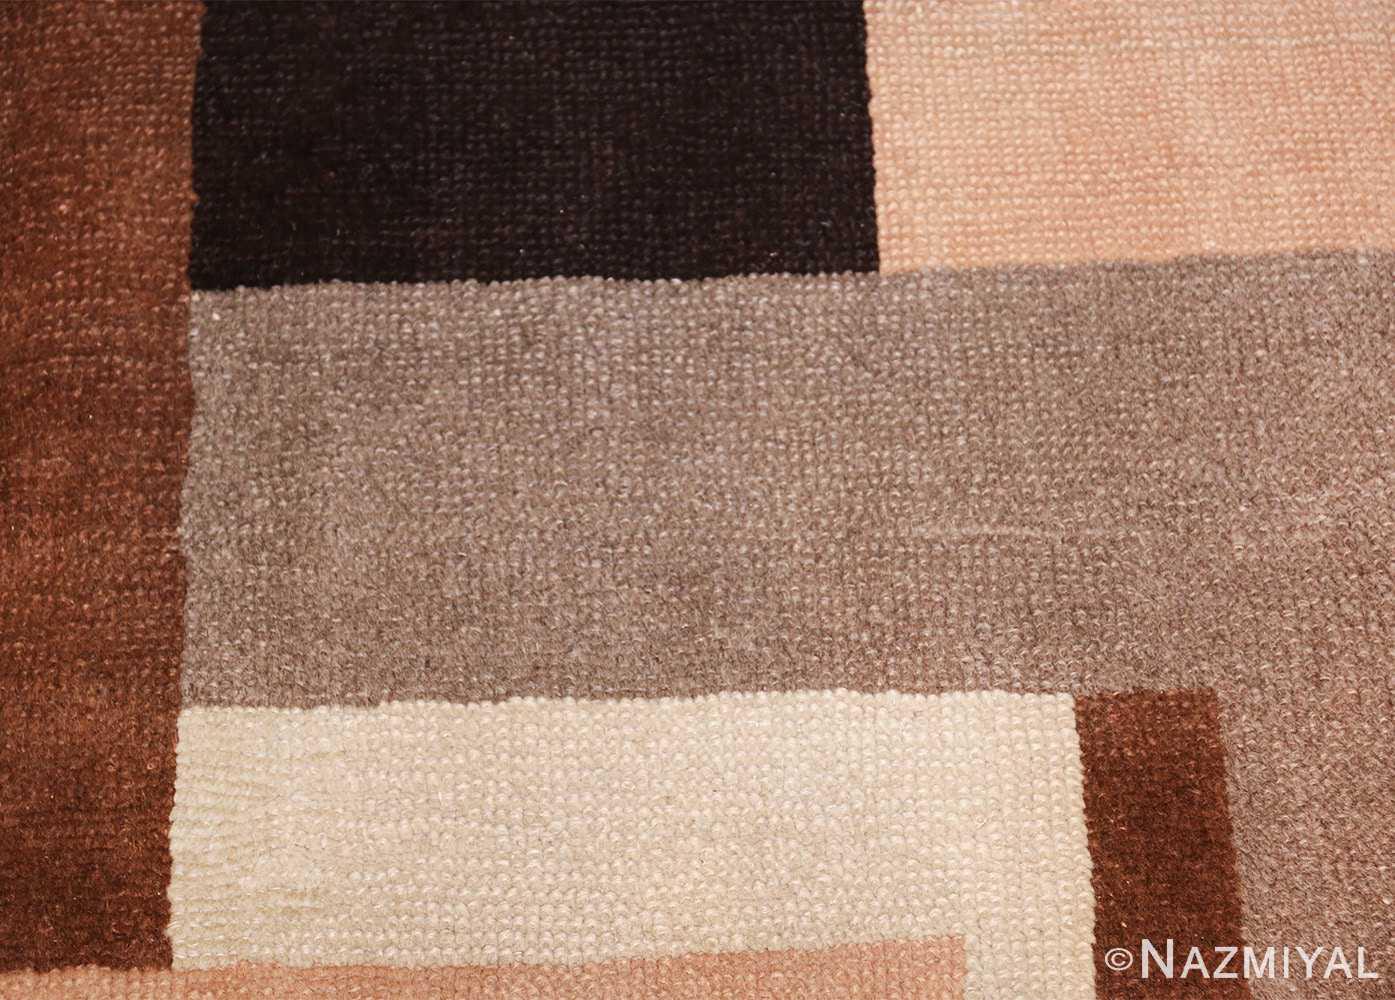 french art deco rug by ivan da silva bruhns 49081 colors Nazmiyal